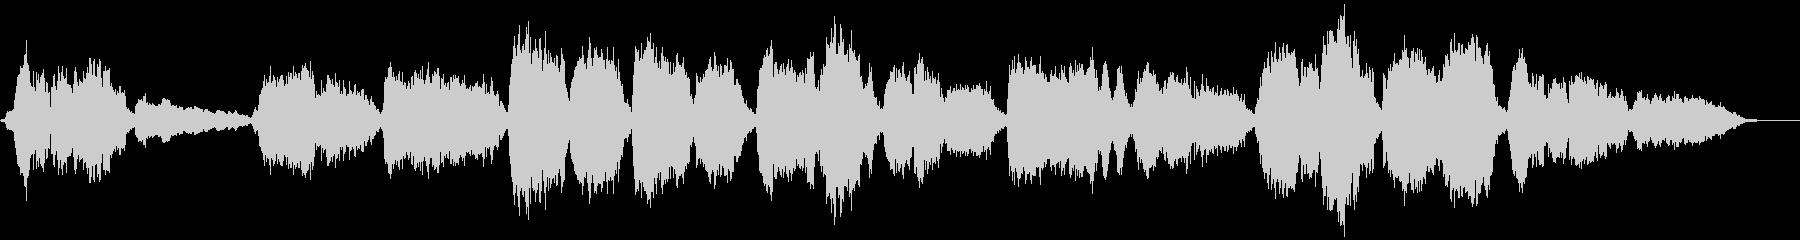 アカペラによる定番クリスマスソングの未再生の波形